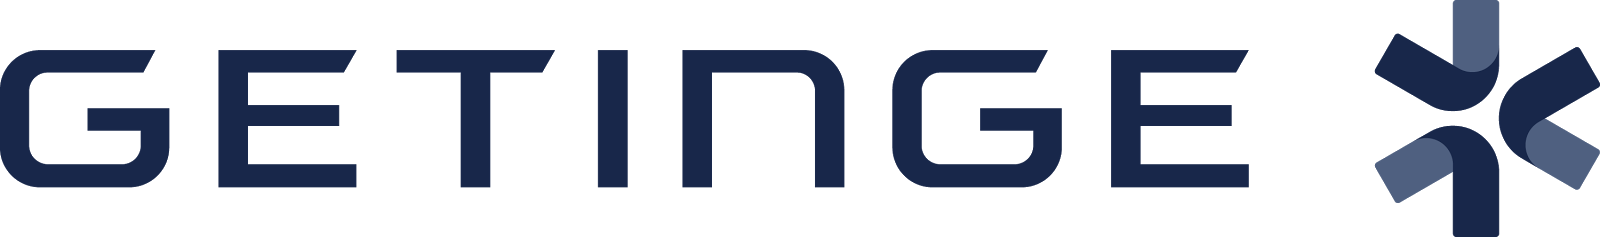 getinge-logo-rgb-3000px.png